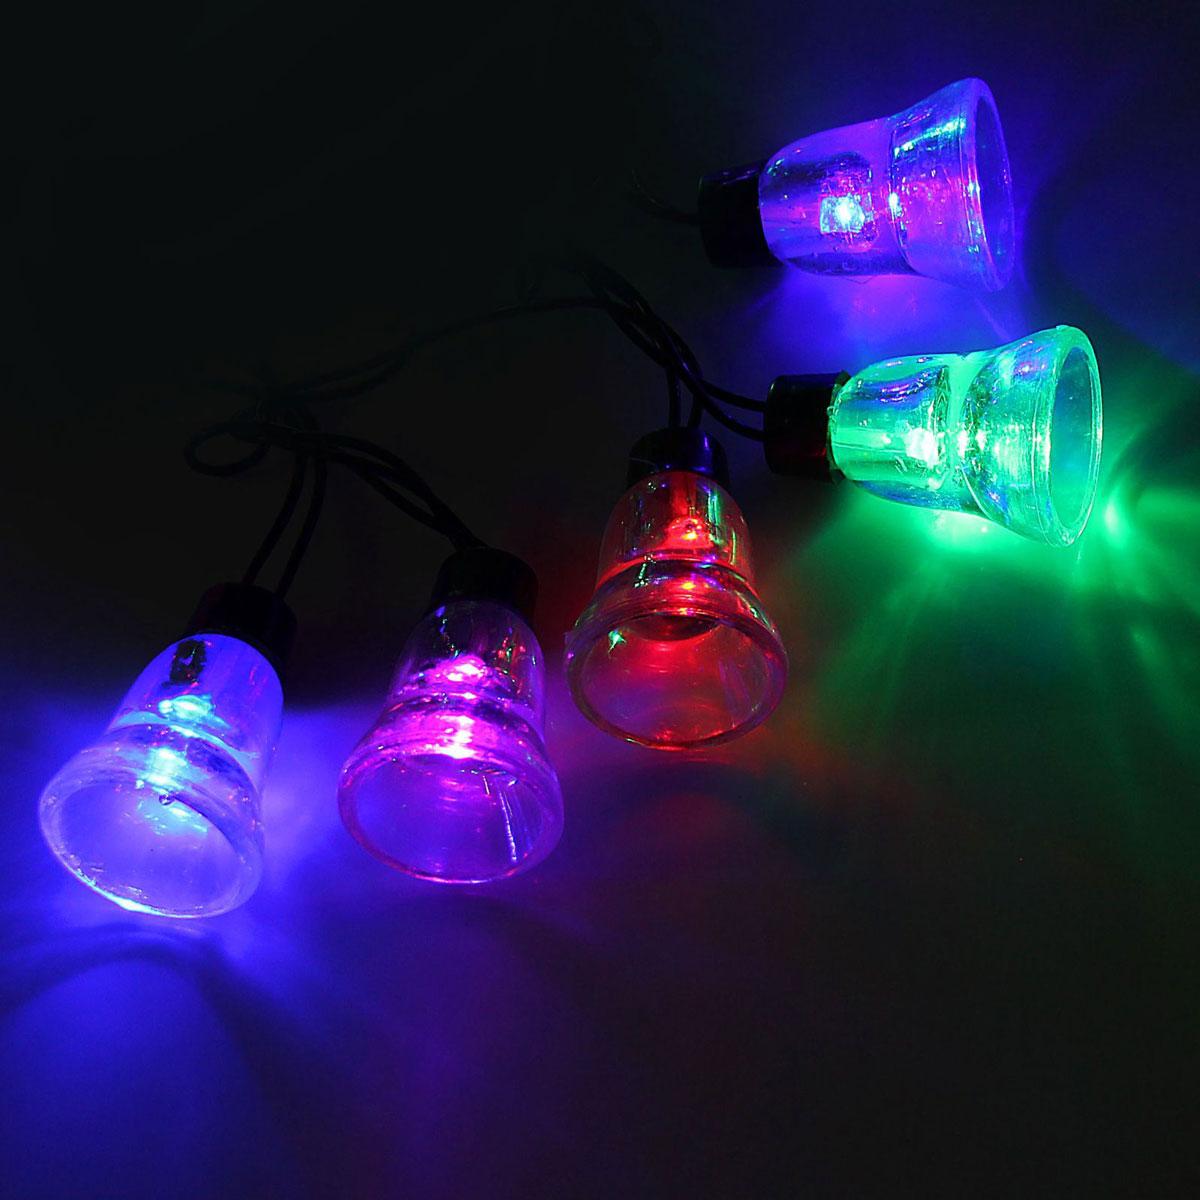 Гирлянда светодиодная Luazon Метраж. Колокол, уличная с насадкой, моргает, 30 ламп, 220 V, 5 м, цвет: мультиколор. 10801161080070Светодиодные гирлянды, ленты и т.д. — это отличный вариант для новогоднего оформления интерьера или фасада. С их помощью помещение любого размера можно превратить в праздничный зал, а внешние элементы зданий, украшенные ими, мгновенно станут напоминать очертания сказочного дворца. Такие украшения создают ауру предвкушения чуда. Деревья, фасады, витрины, окна и арки будто специально созданы, чтобы вы украсили их светящимися нитями.